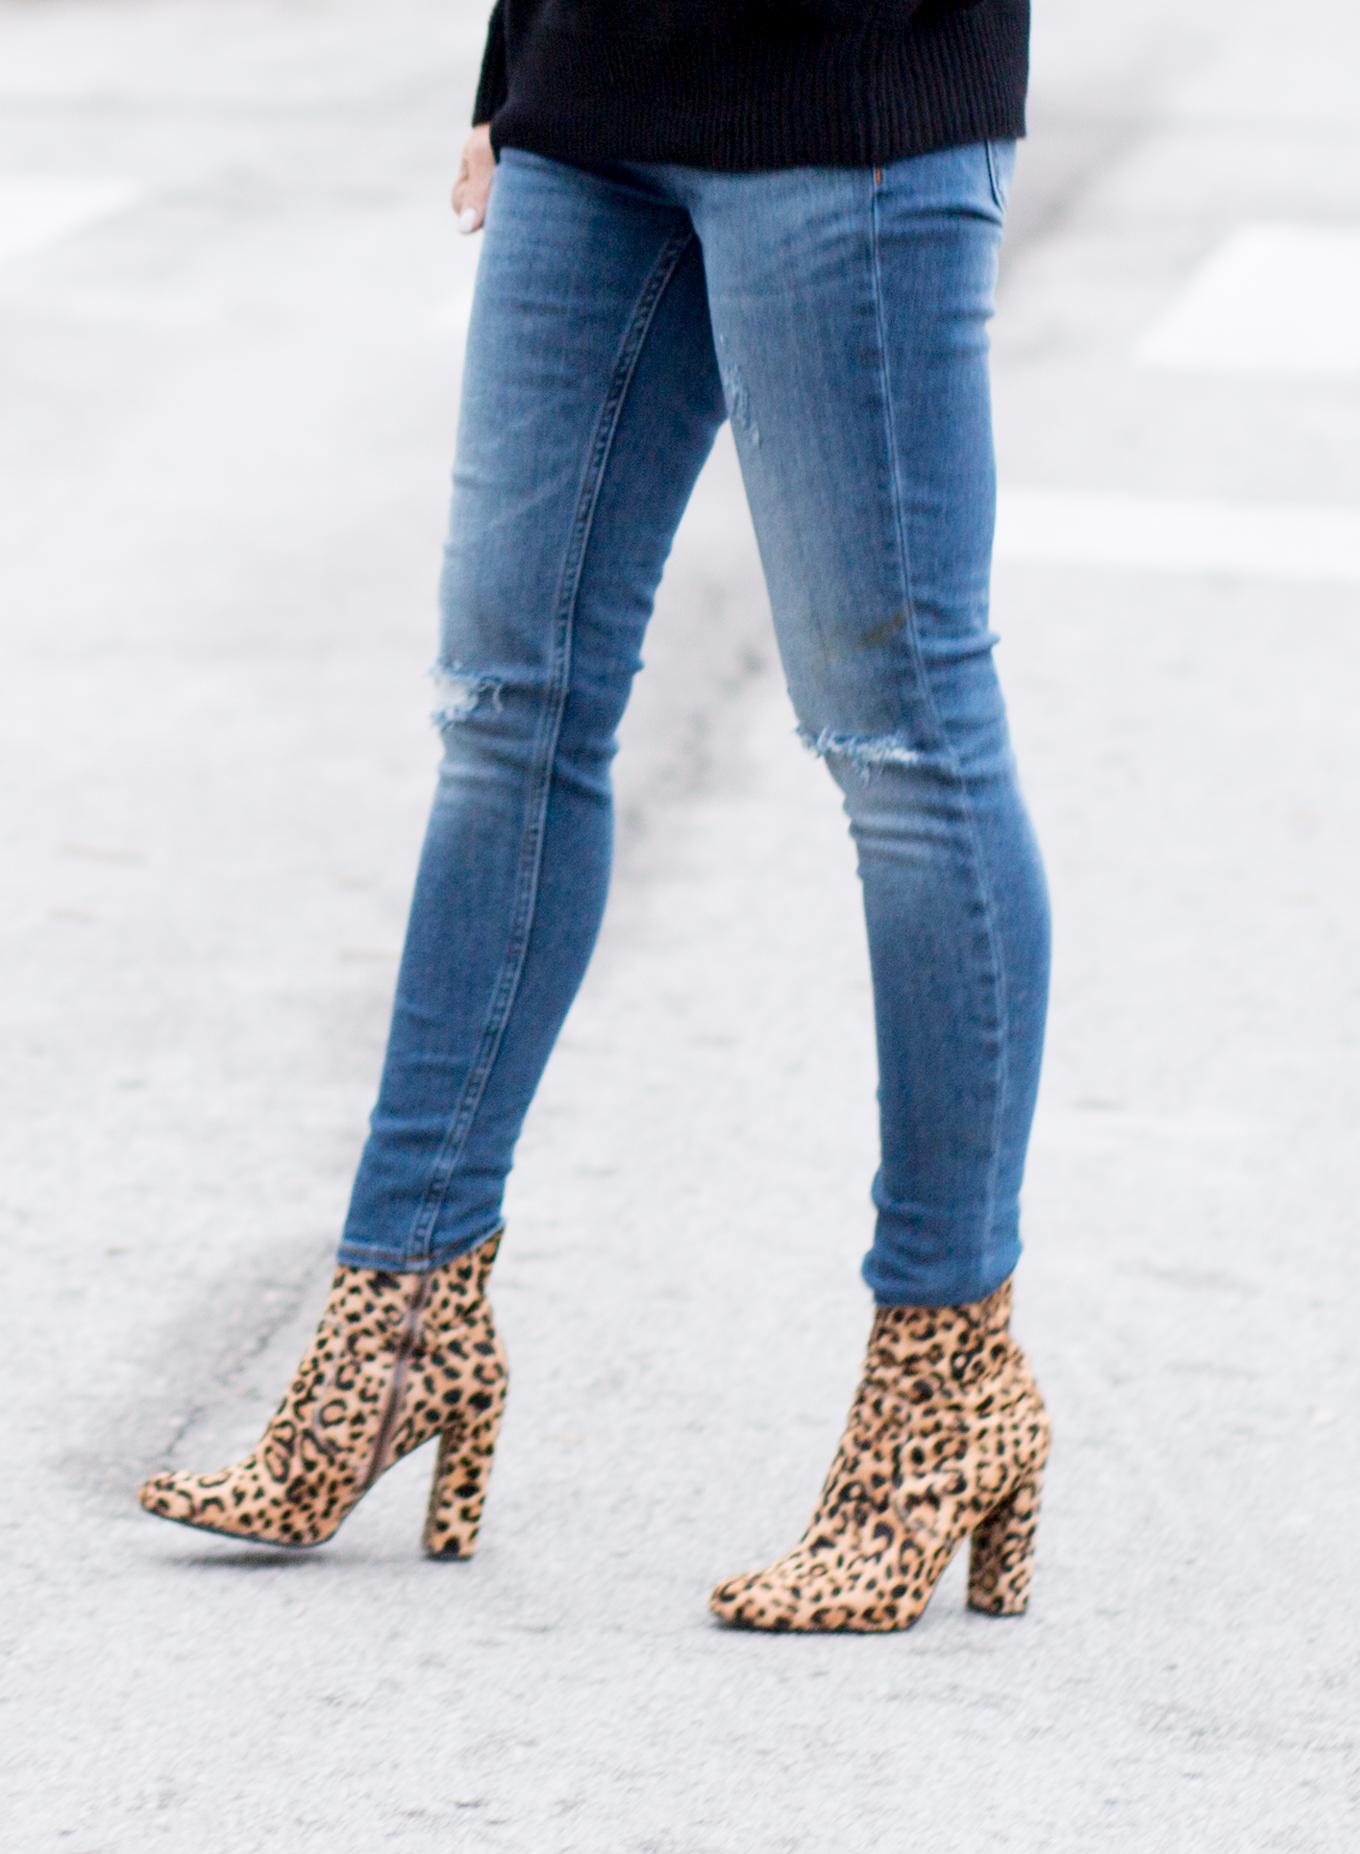 Pom Pom Sweater + Leopard Boots